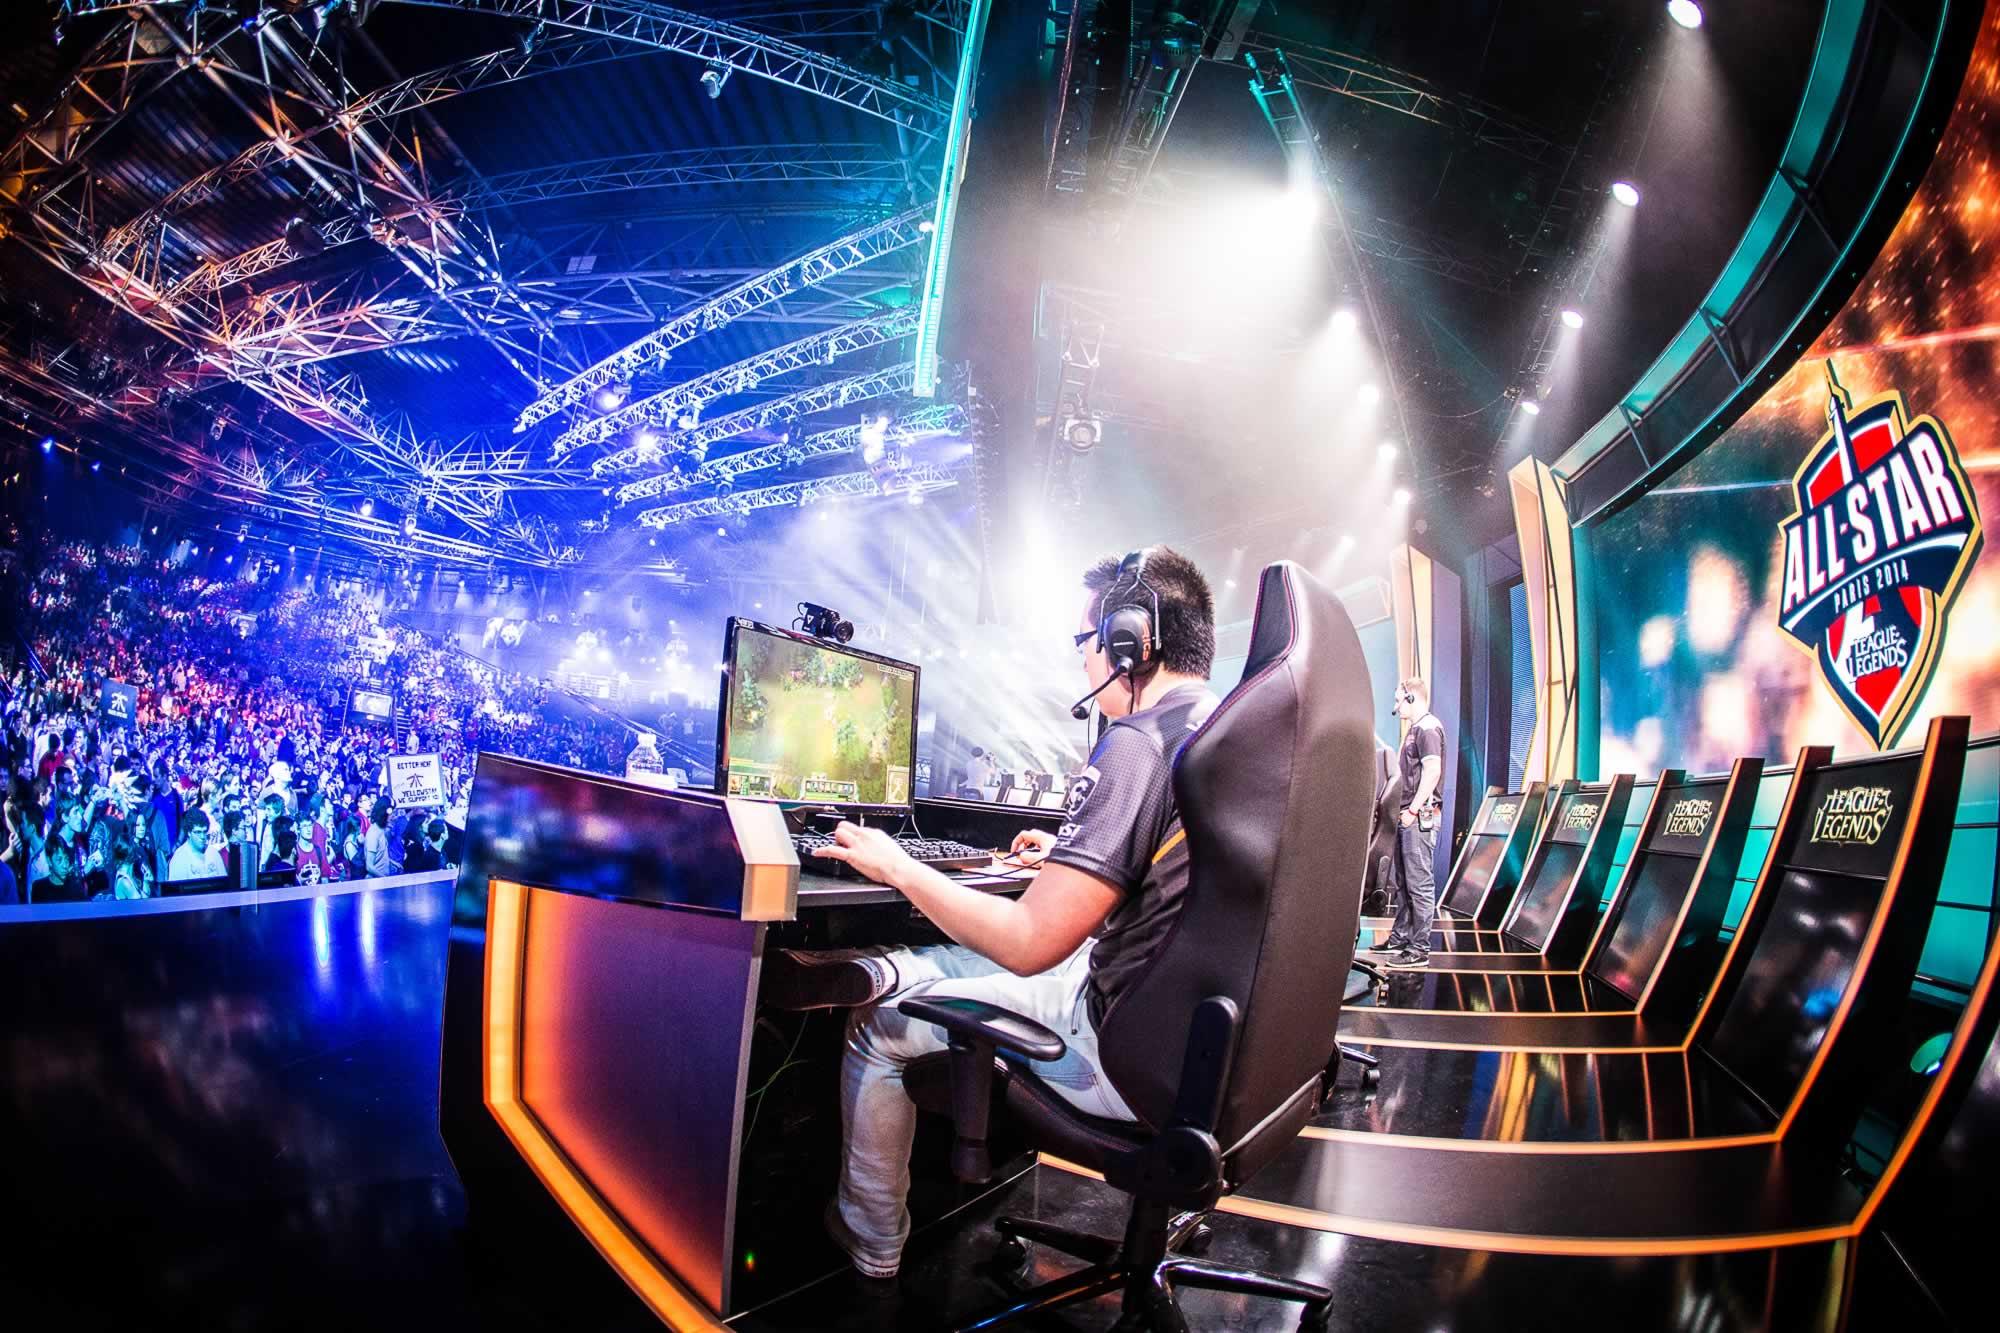 Torneo de eSports (videojuegos).